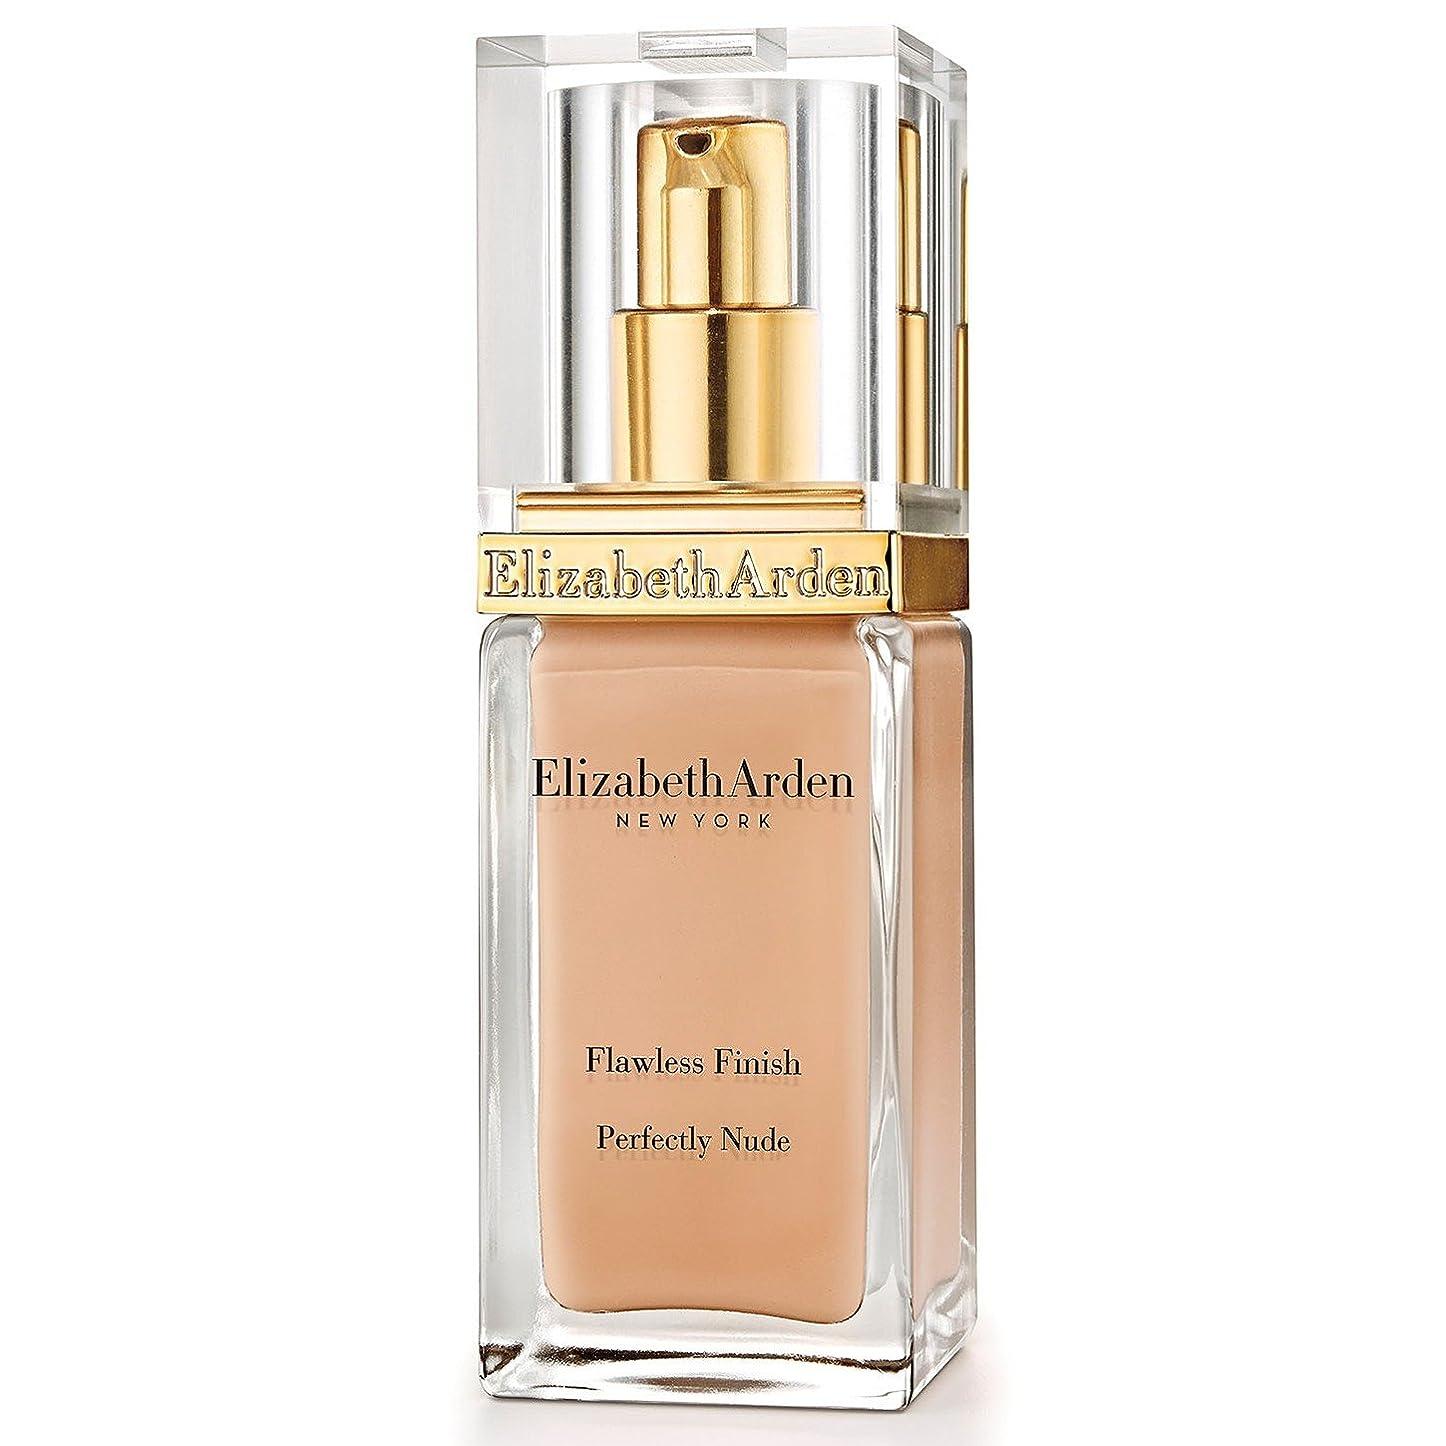 繁雑タンザニアマトロンエリザベスアーデン完璧な仕上がり完璧ヌード基礎 15アンバー x4 - Elizabeth Arden Flawless Finish Perfectly Nude Foundation SPF 15 Amber (Pack of 4) [並行輸入品]